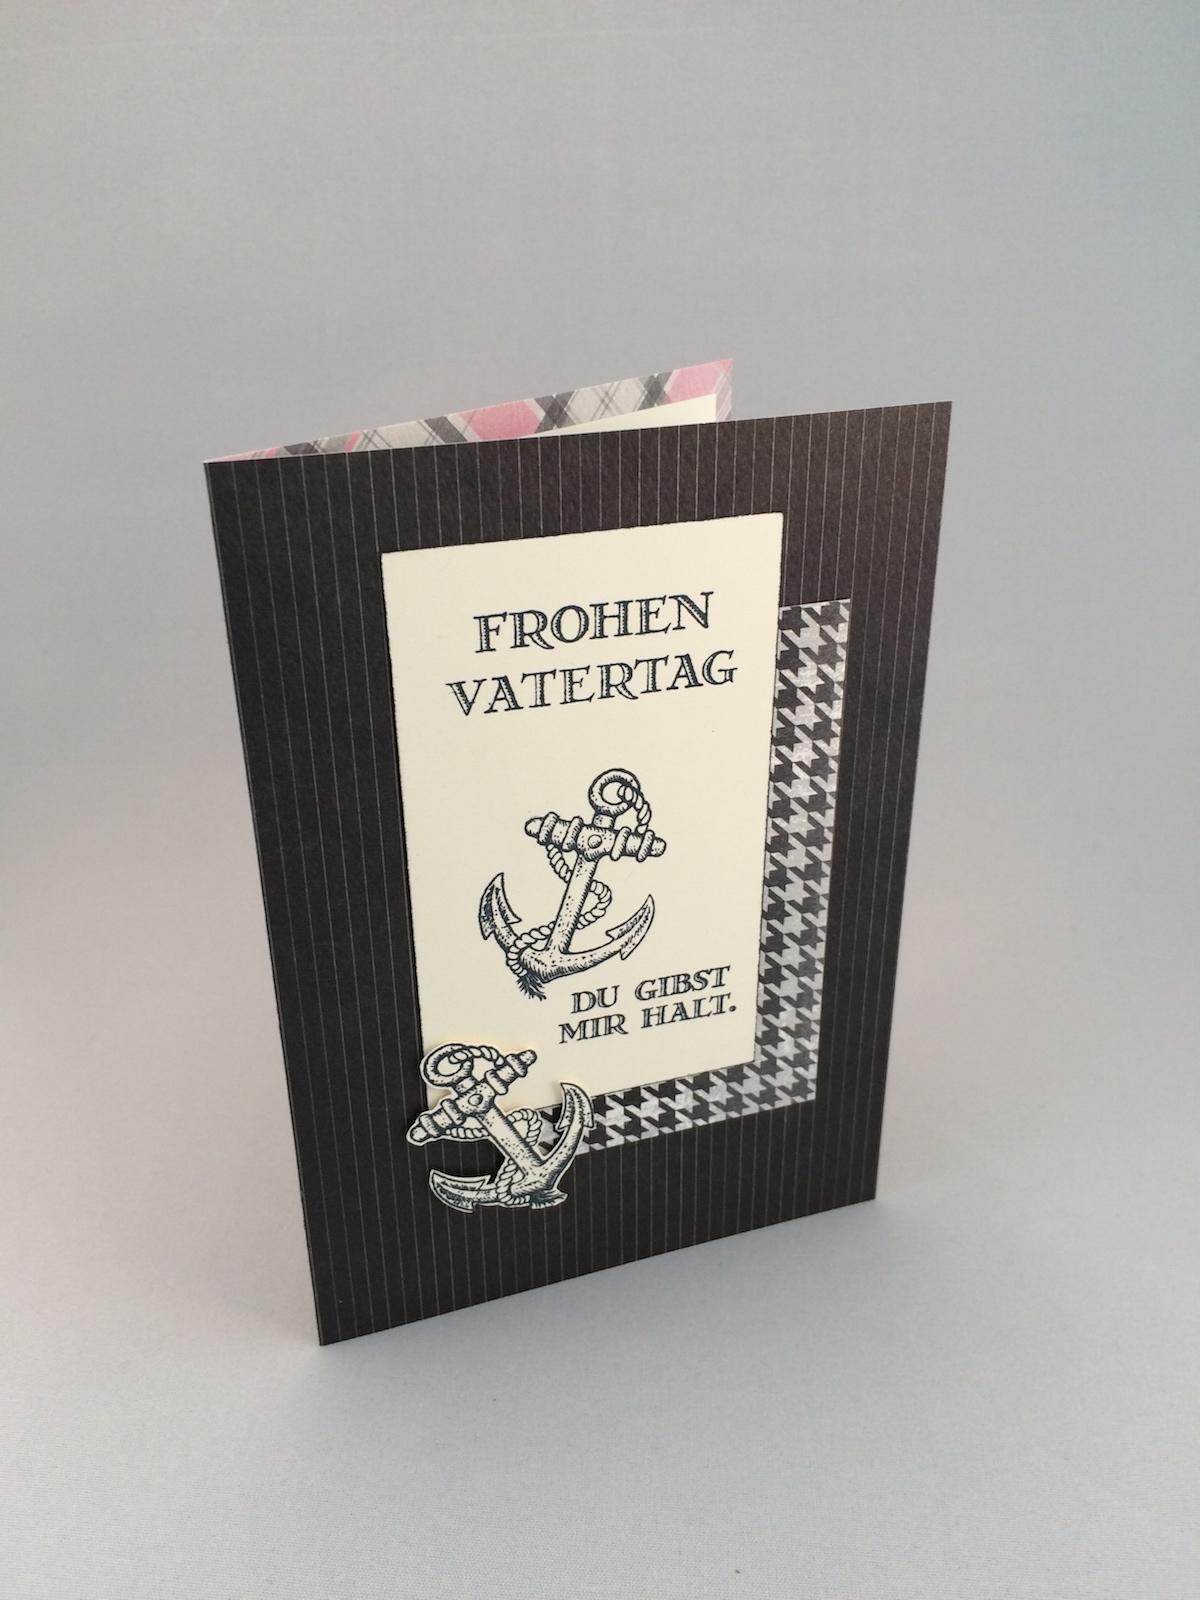 Karte Vatertag, Card Fathers day, Für ganze Kerle, Guy greetings, You´re my anchor, Du gibst mir halt, schwarz, black, vanille, very vanilla